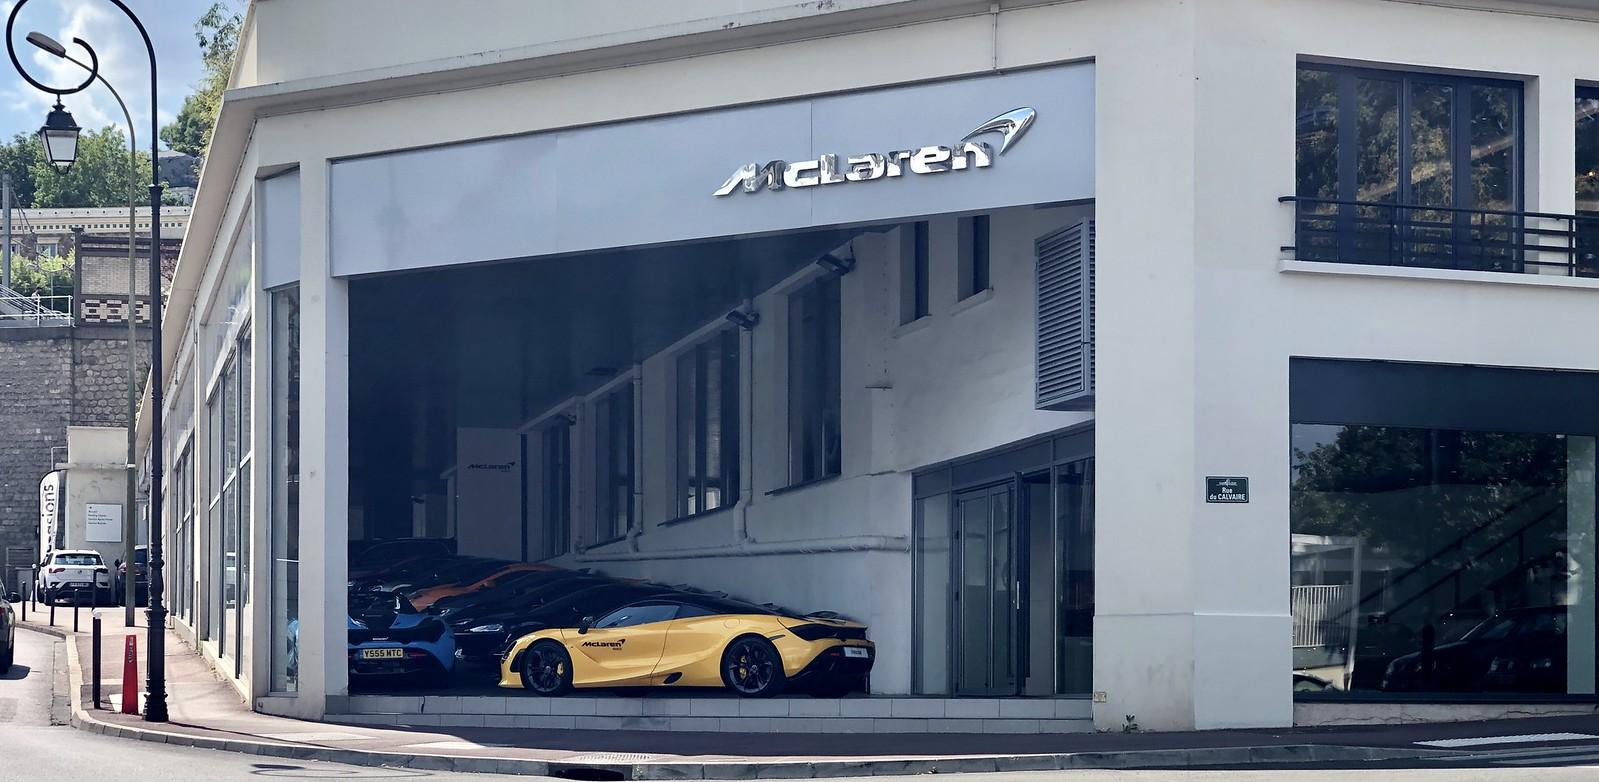 Maison McLaren